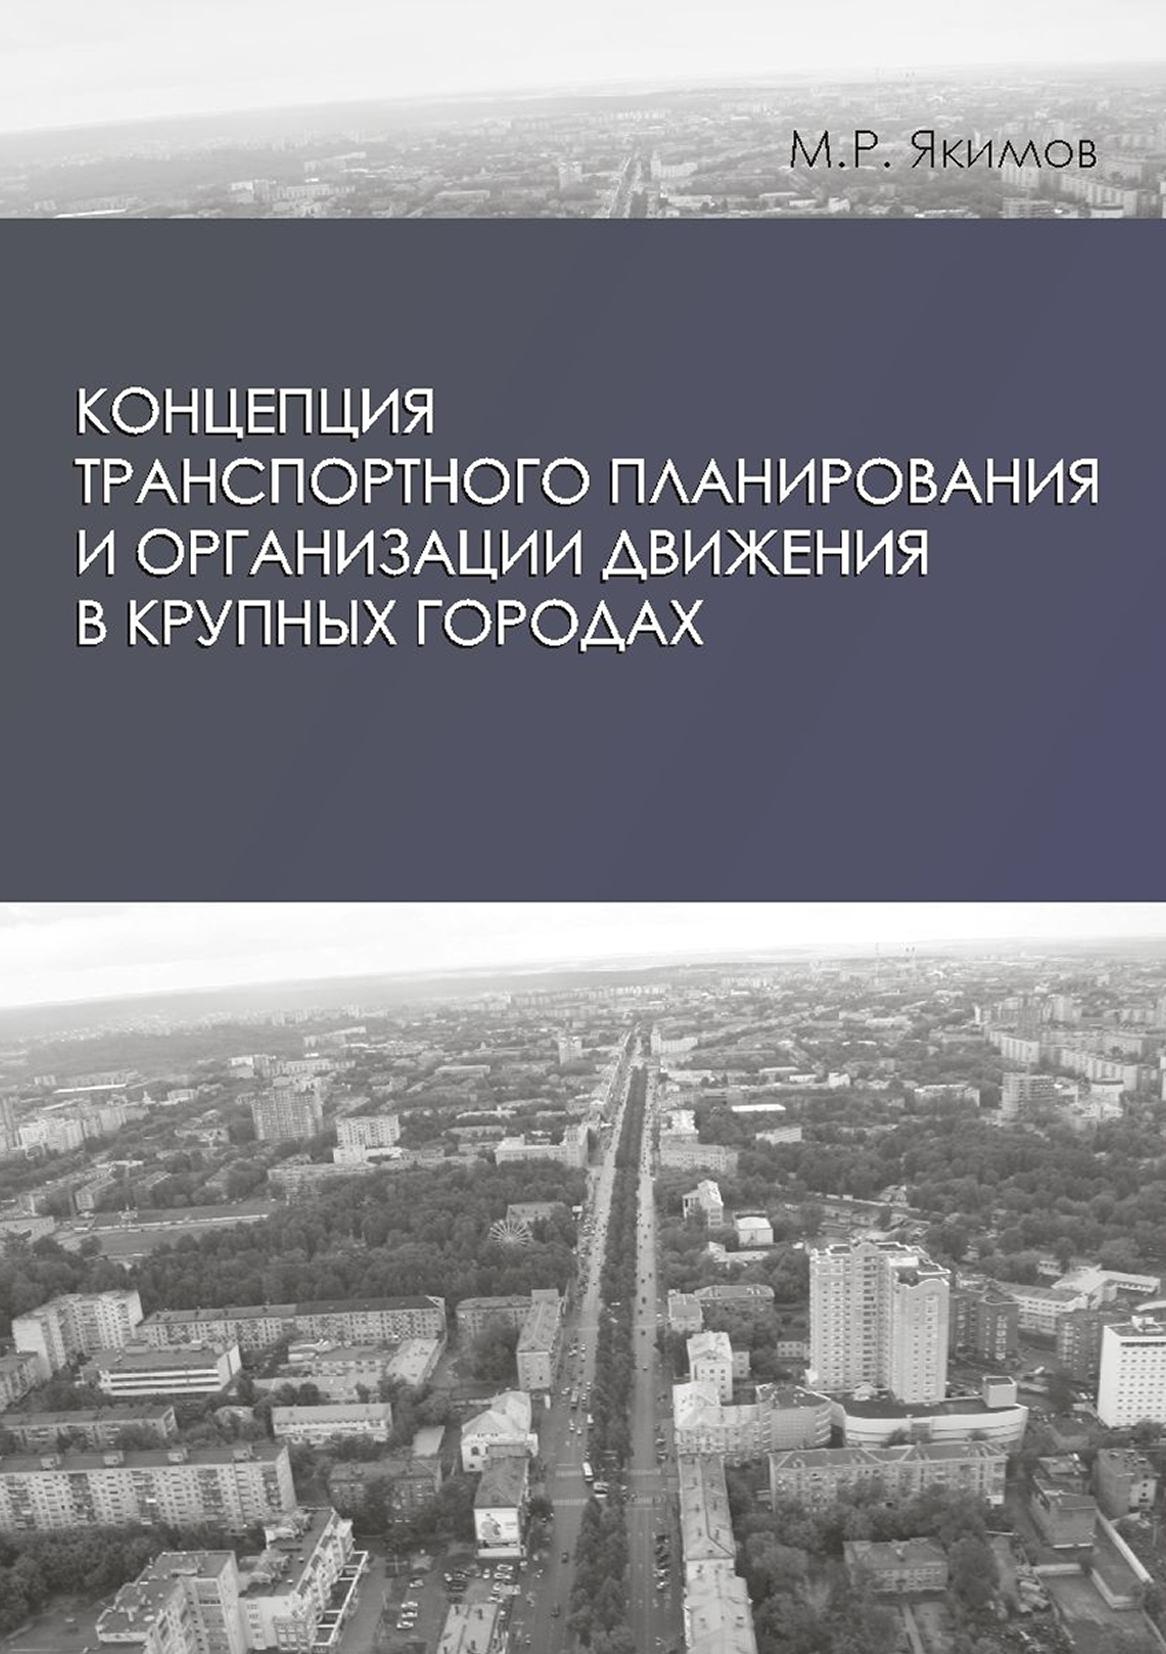 Концепция транспортного планирования и организации движения в крупных городах